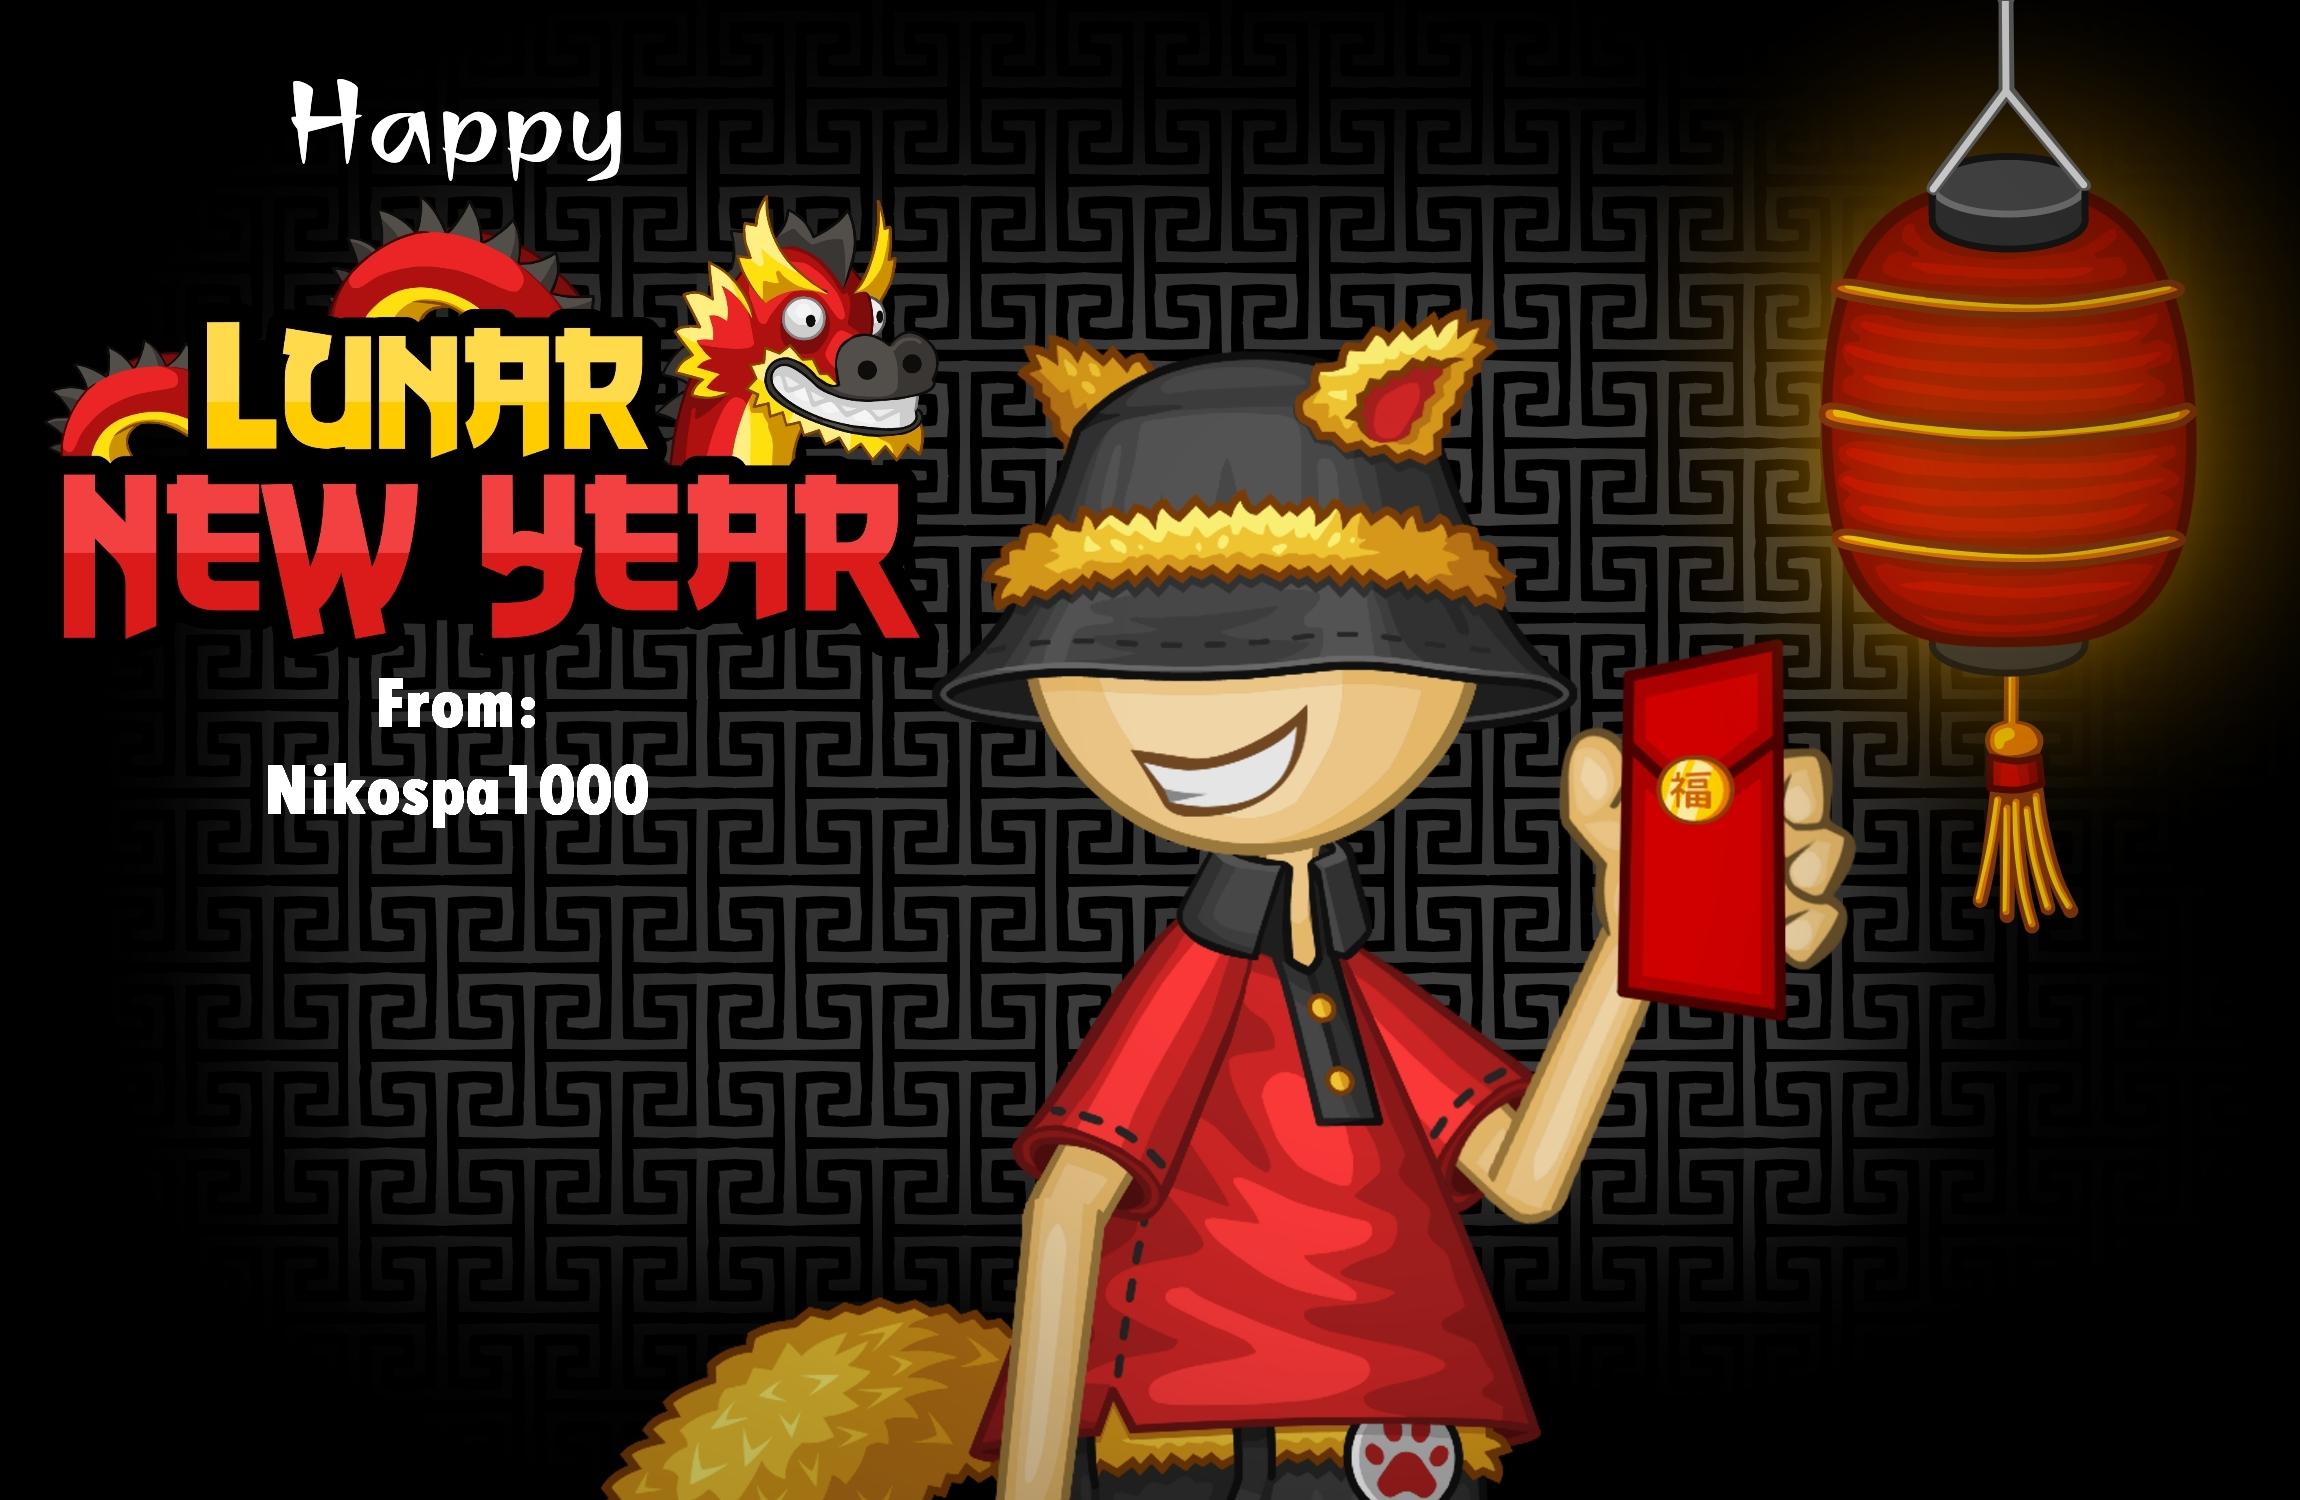 Happy Lunar New Year 🐱🧧🏮